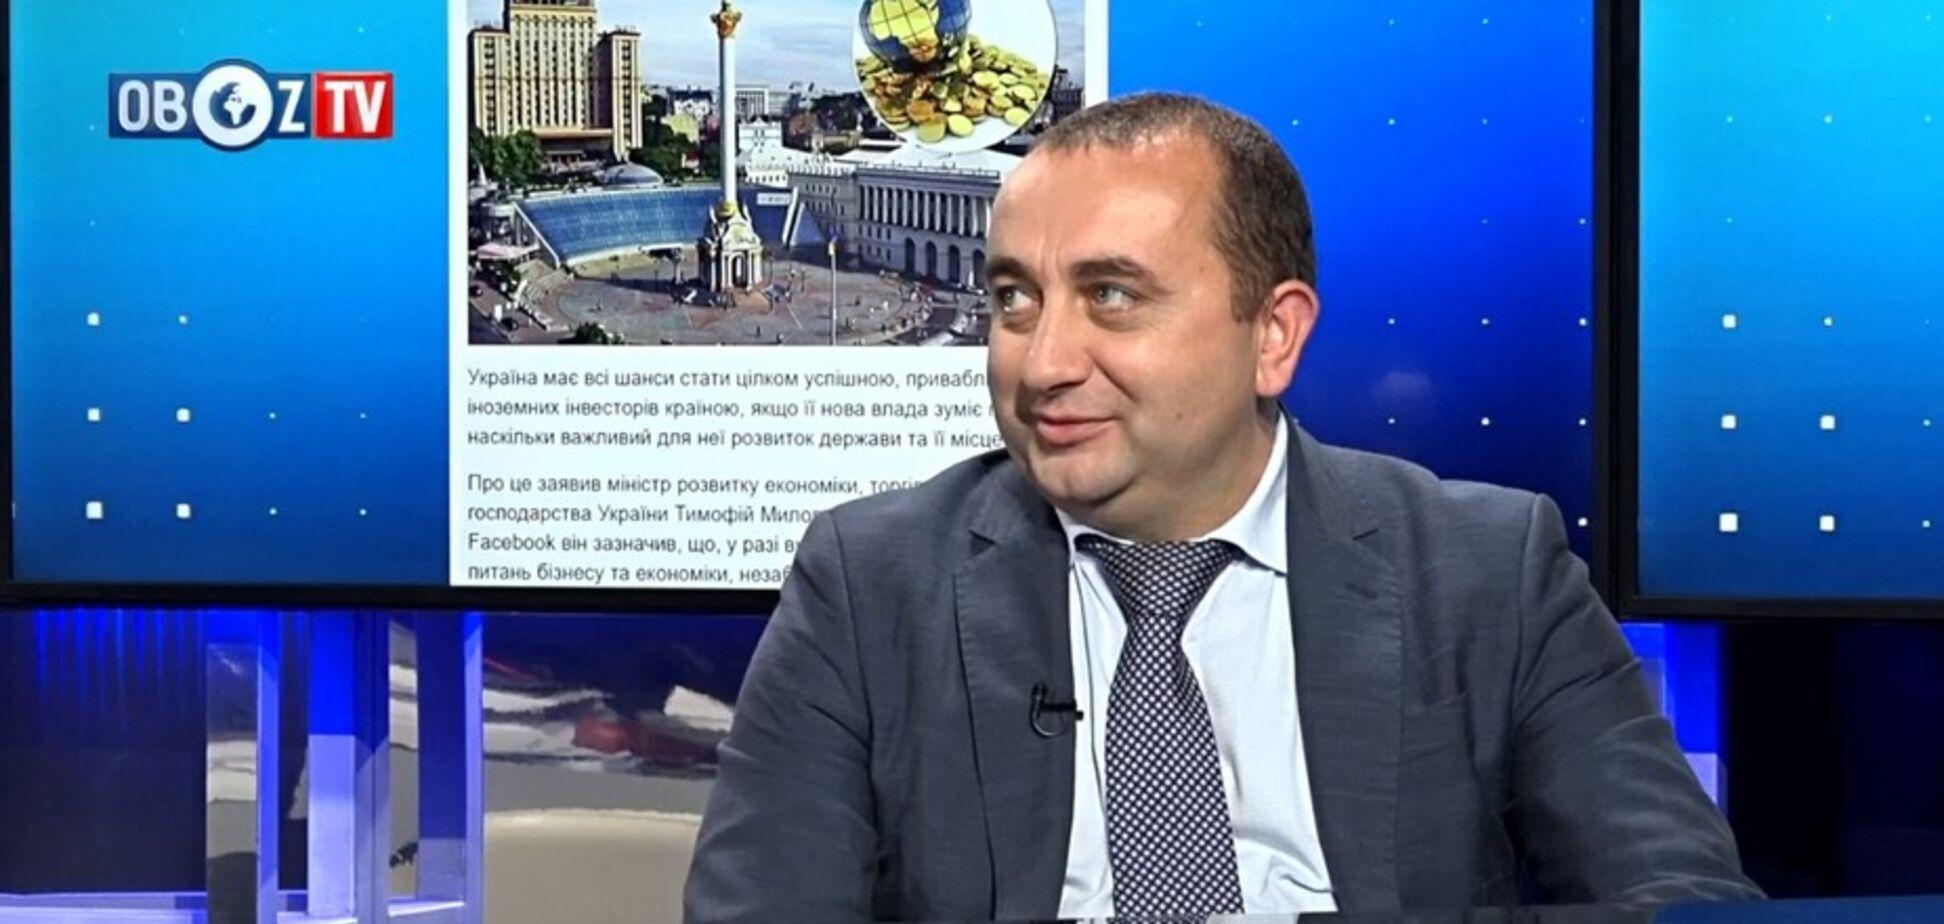 Більшість населення планети мріяла би жити в Україні: економіст